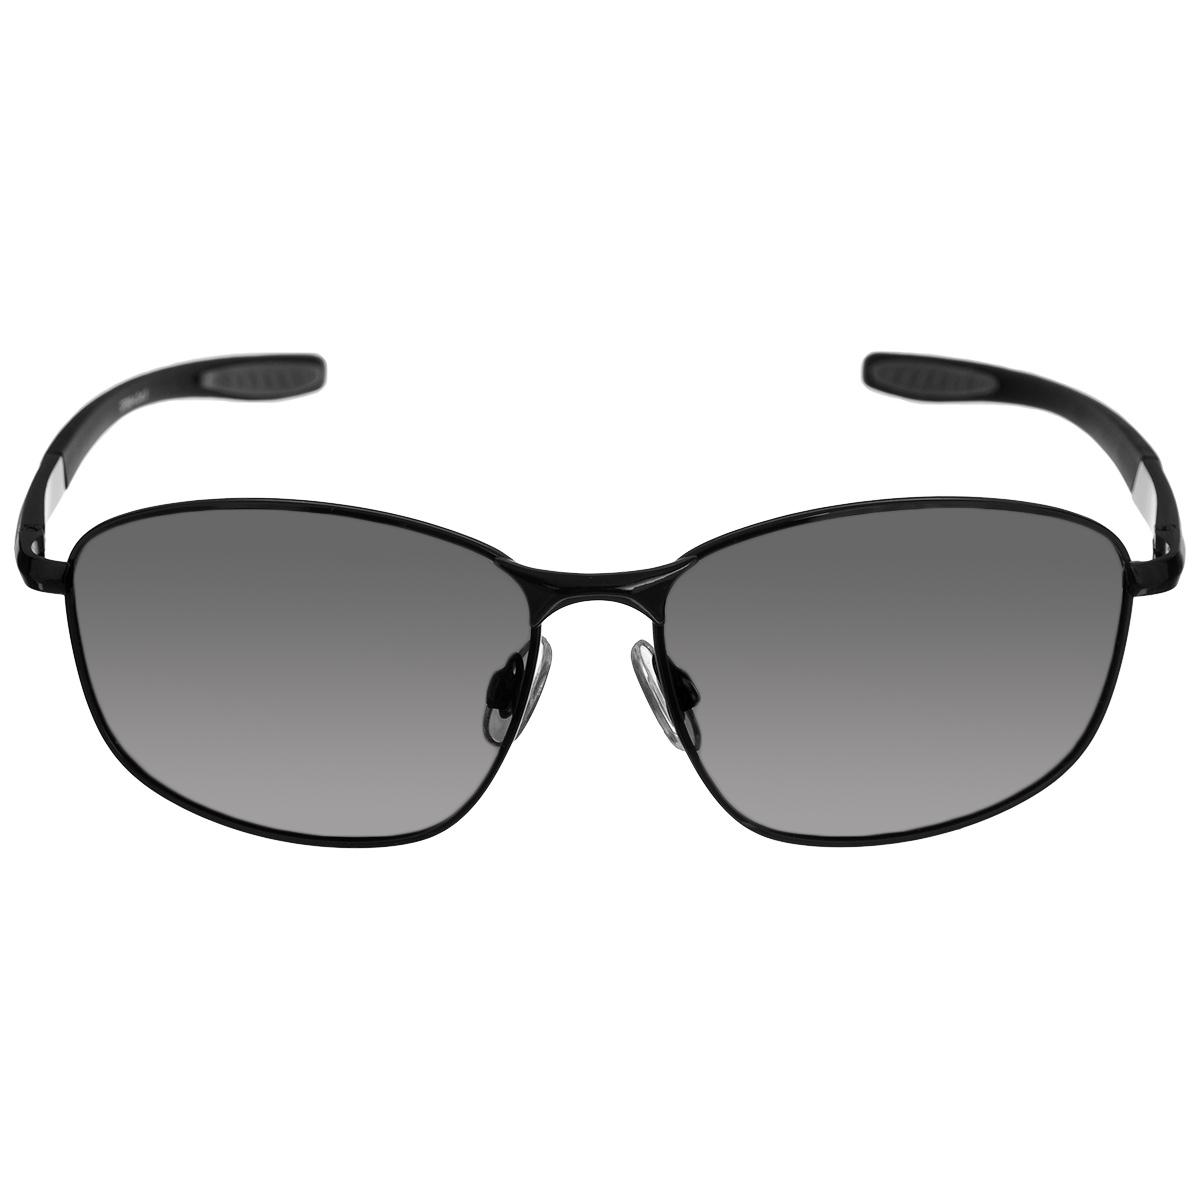 Очки мужские, поляризационные Cafa France, цвет: серый. CF986